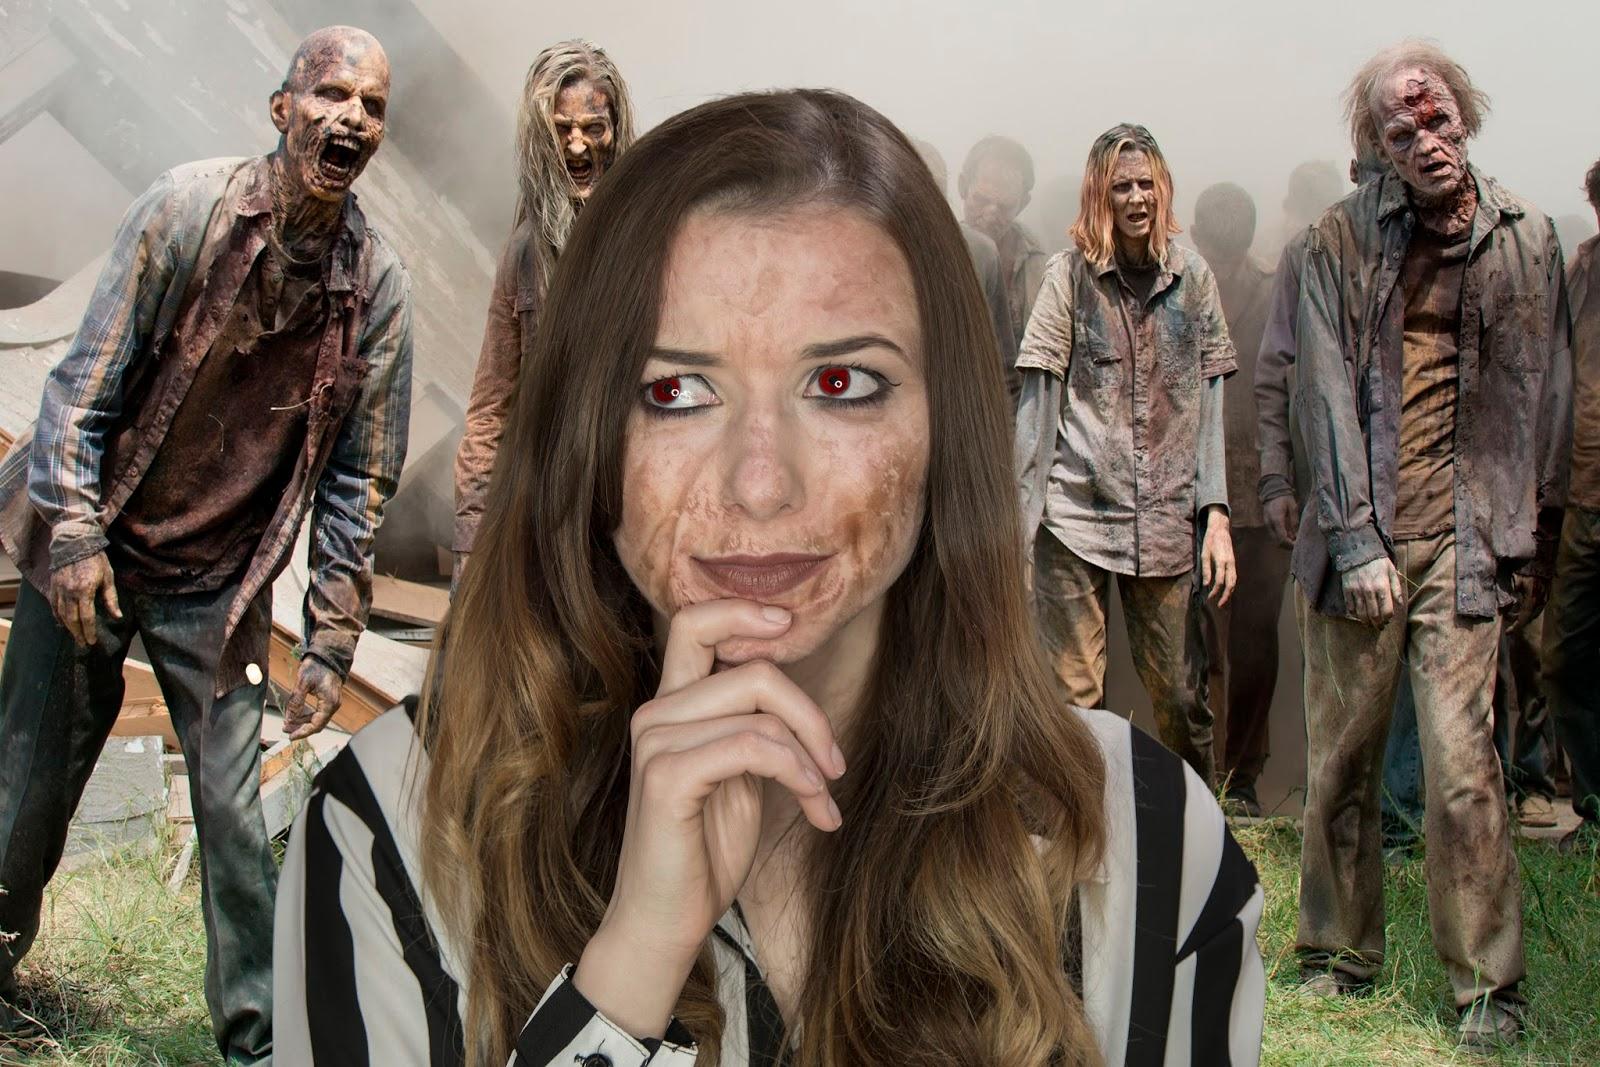 b760780d THE REAL WALKING DEAD| Brokerswood Zombie Apocalypse | Eltoria